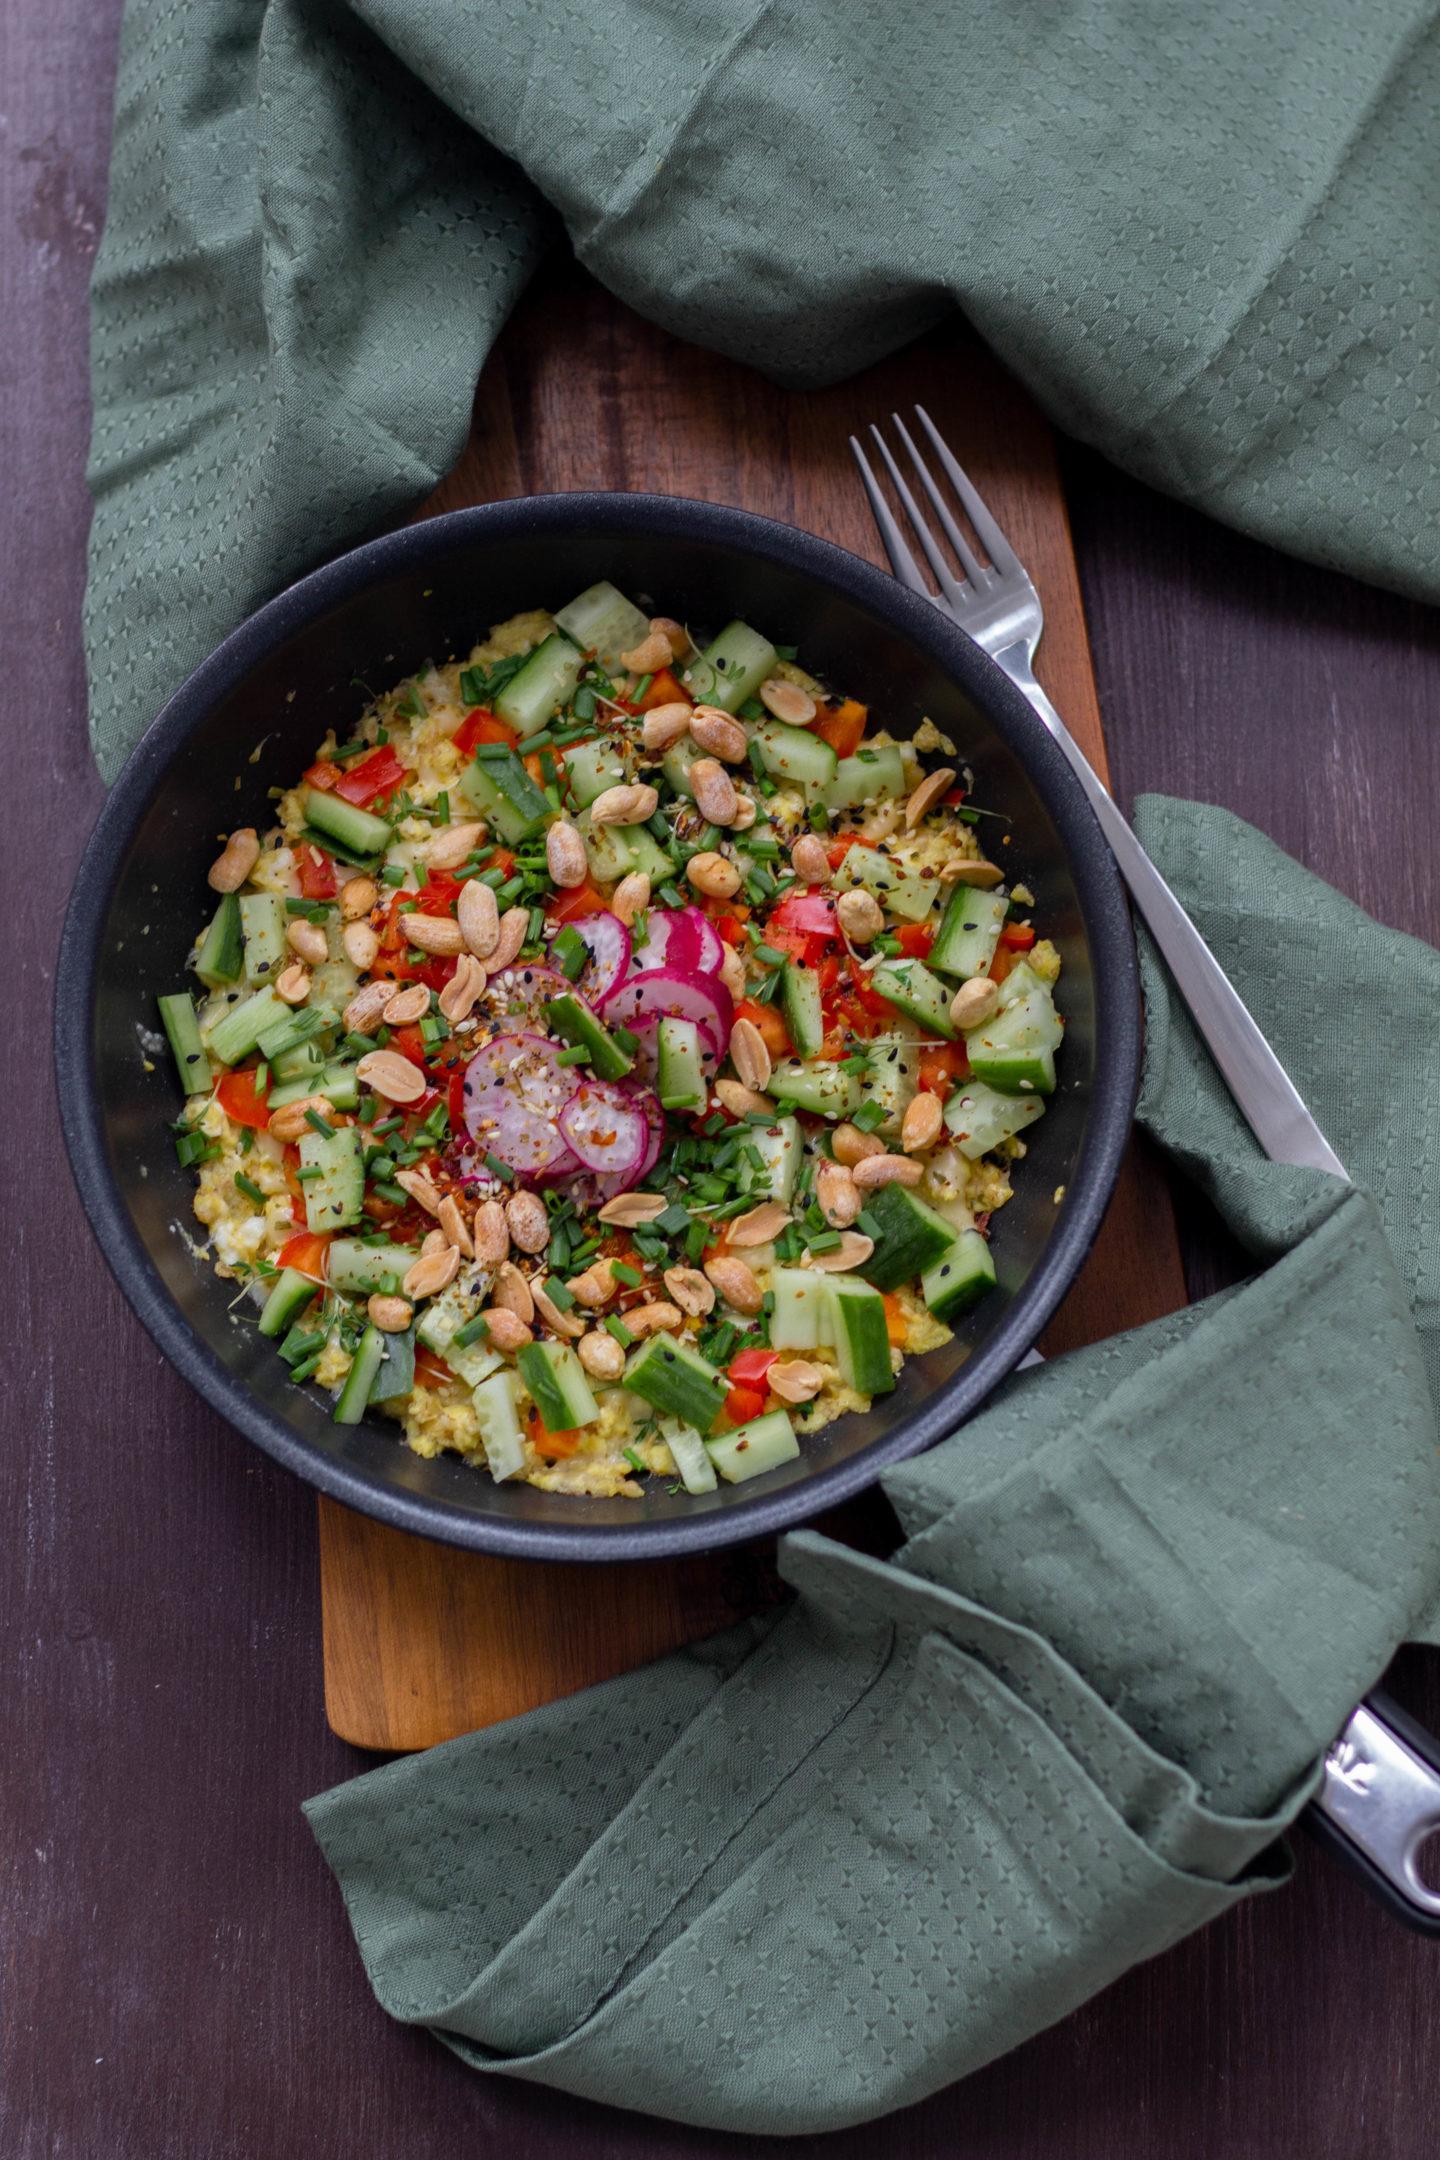 Vegetarische Eierspeise mit pflanzlichen Protein -Haferflocken -Dein HomeSpa- Food & Wohlfühlblog aus dem Mostviertel